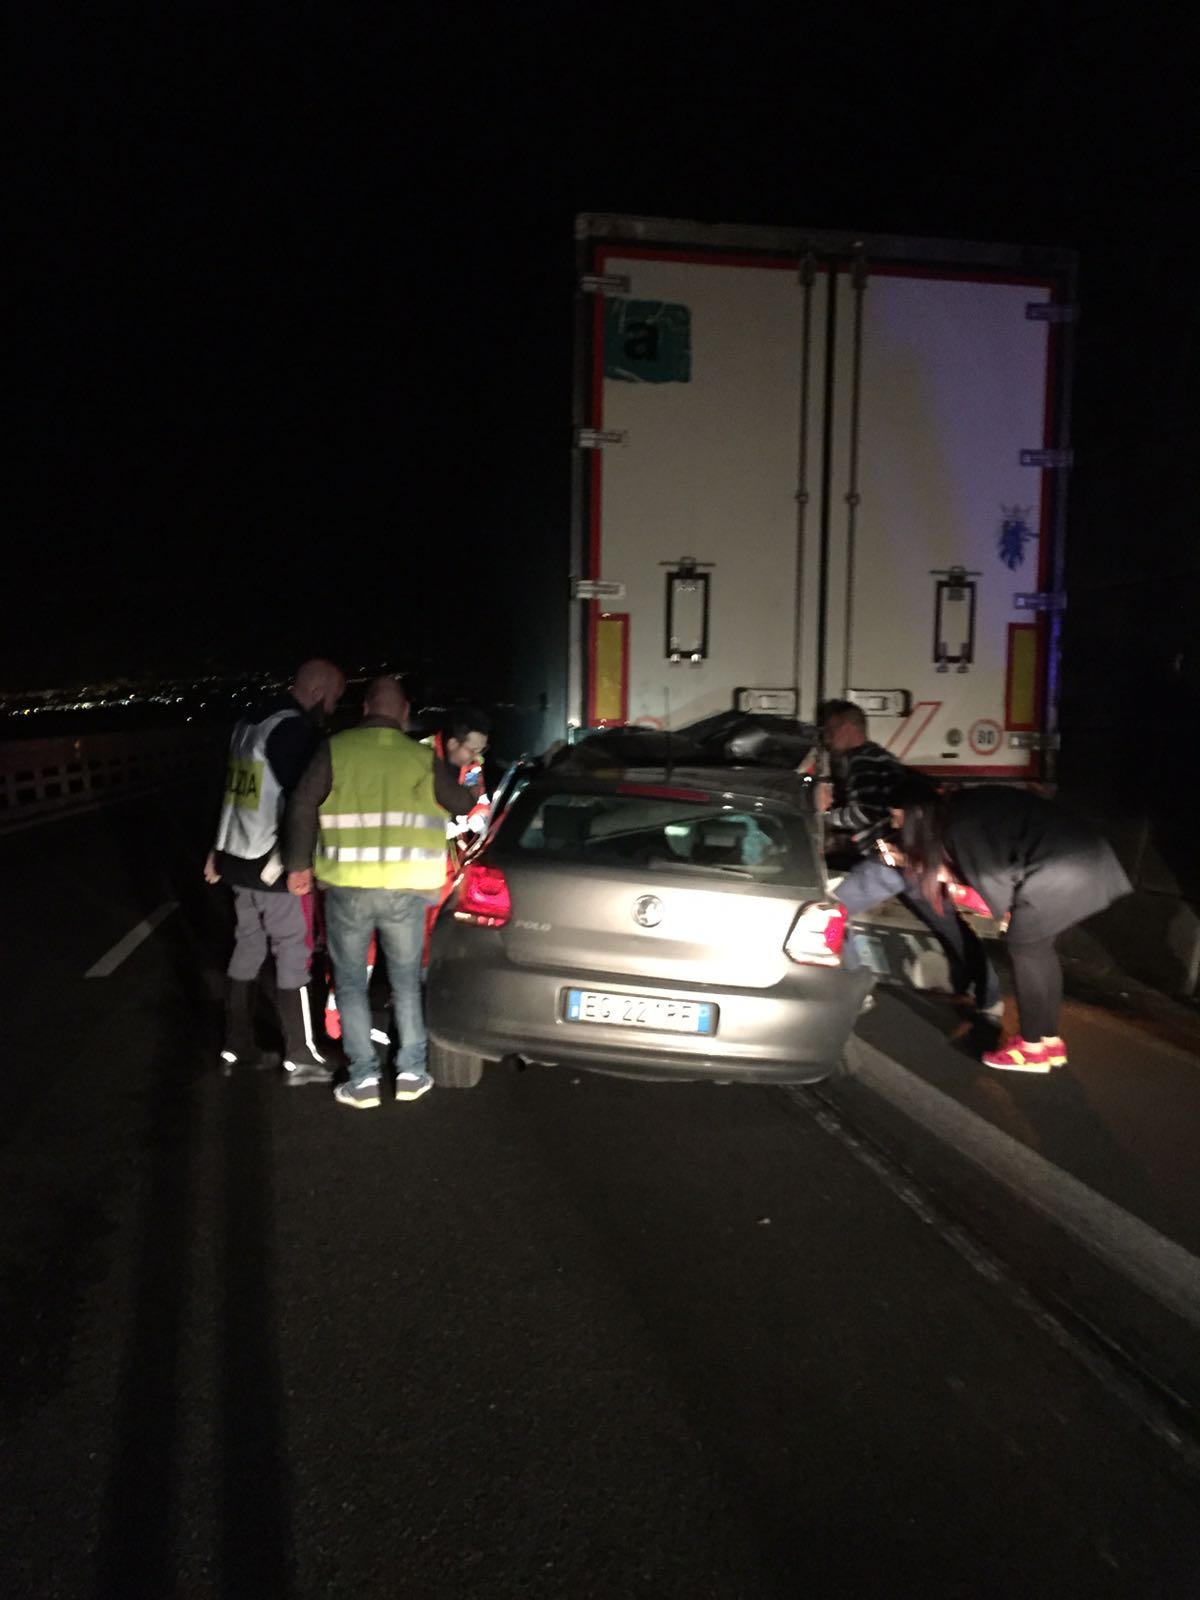 Scontro mortale sull'autostrada nei pressi di Vibo Valentia  Coinvolti un'auto e un tir: un morto e un ferito grave